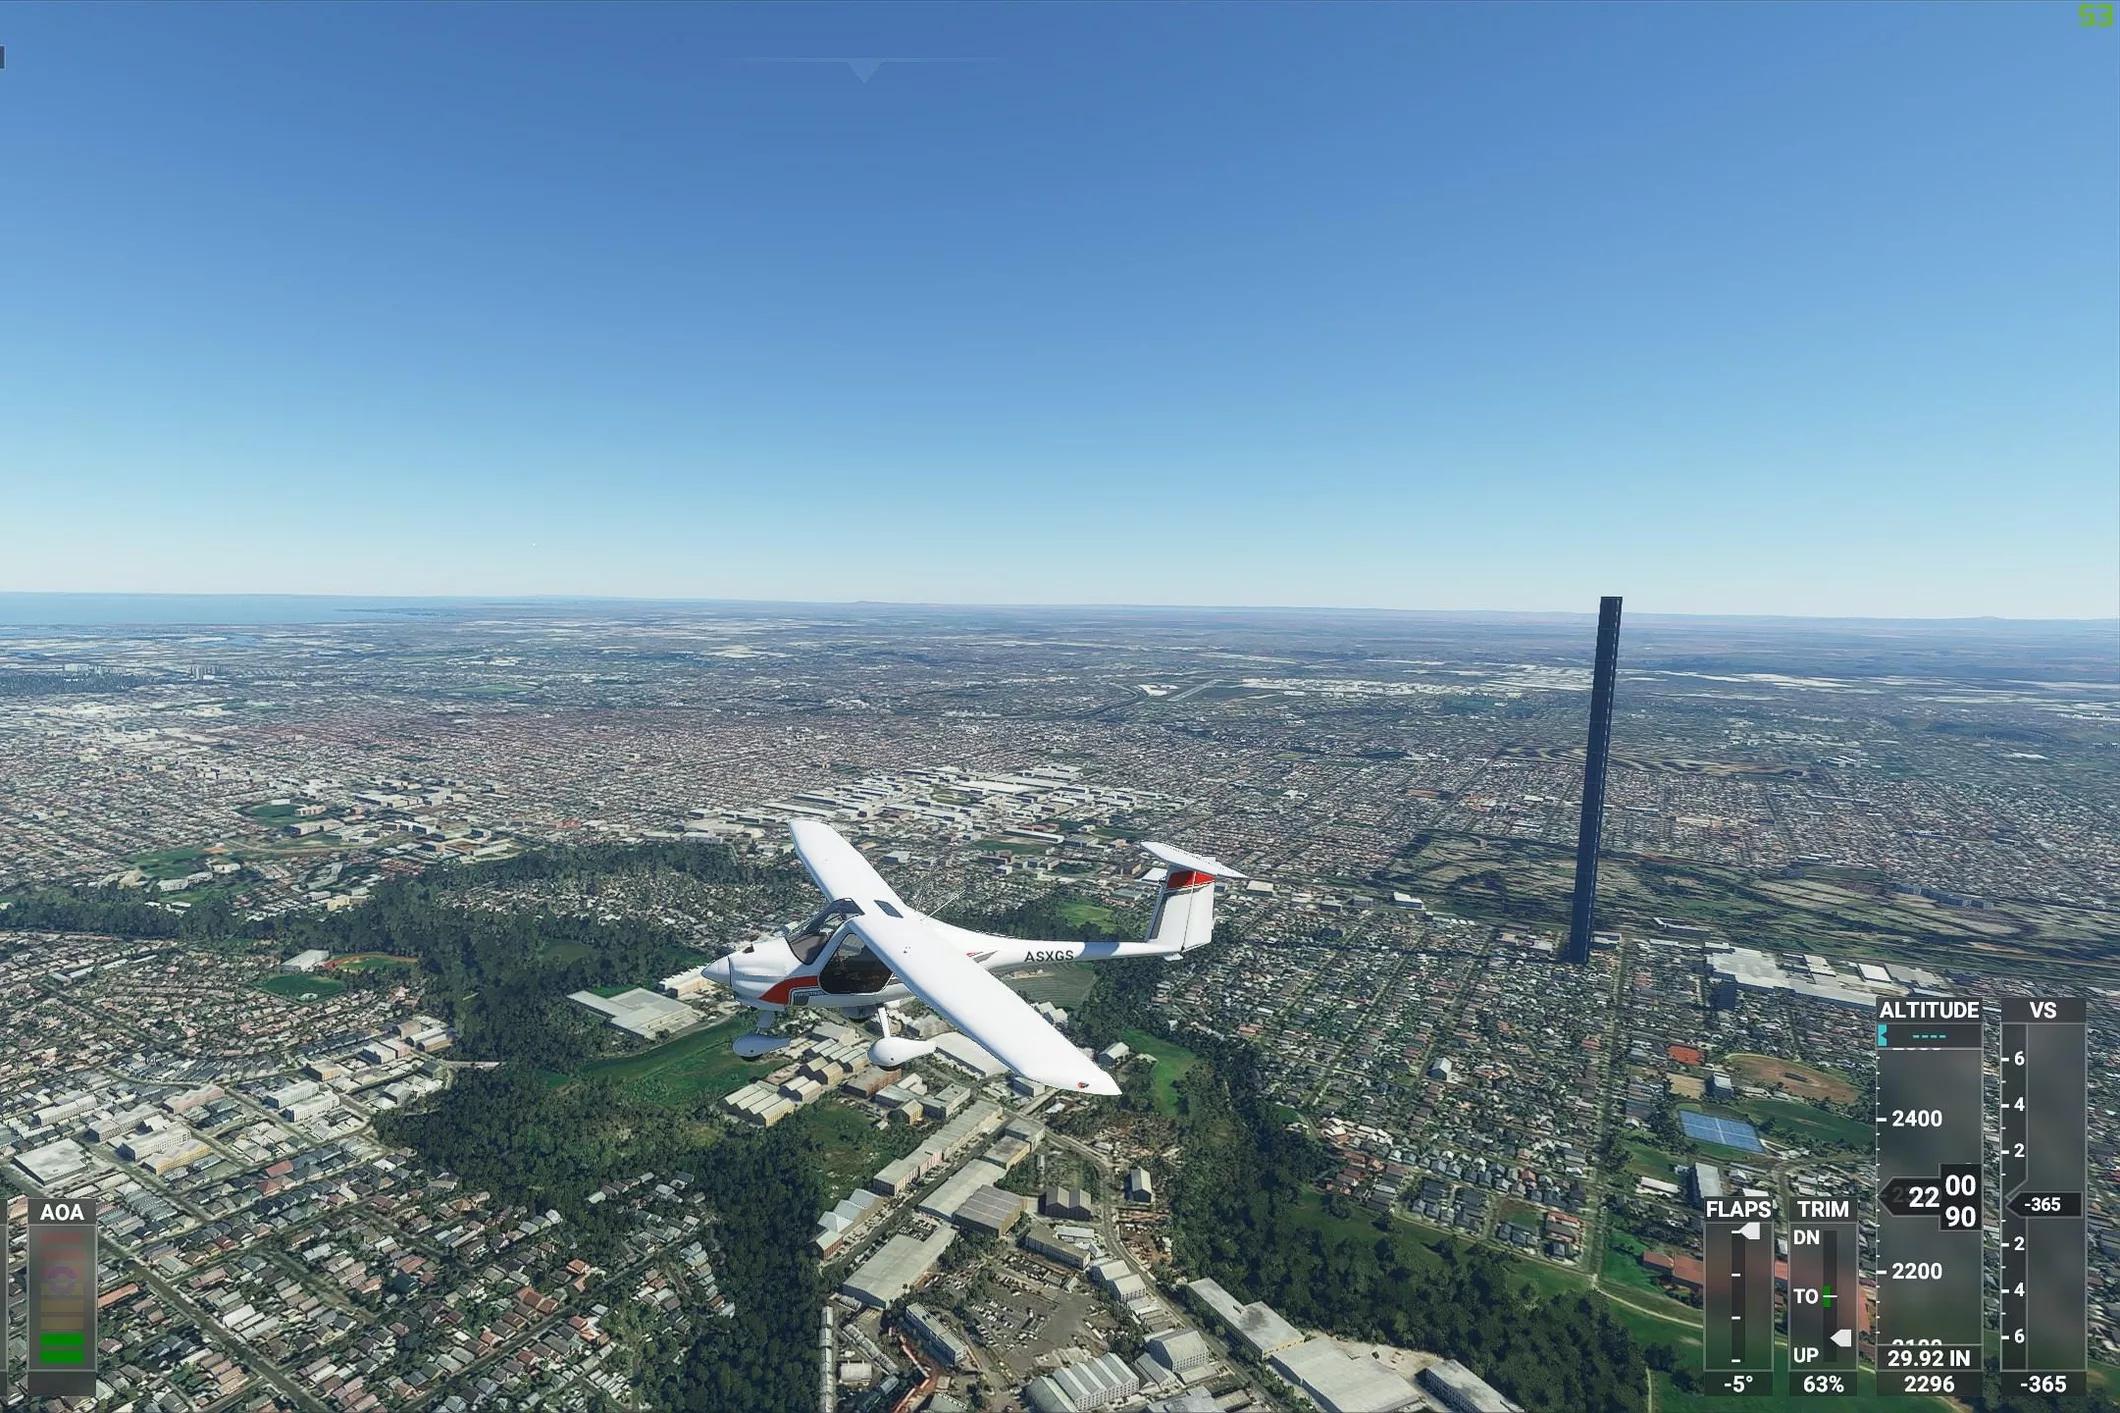 מגדל ענק במלבורן, אוסטרליה בסימולטור הטיסה מיקרוסופט 2020